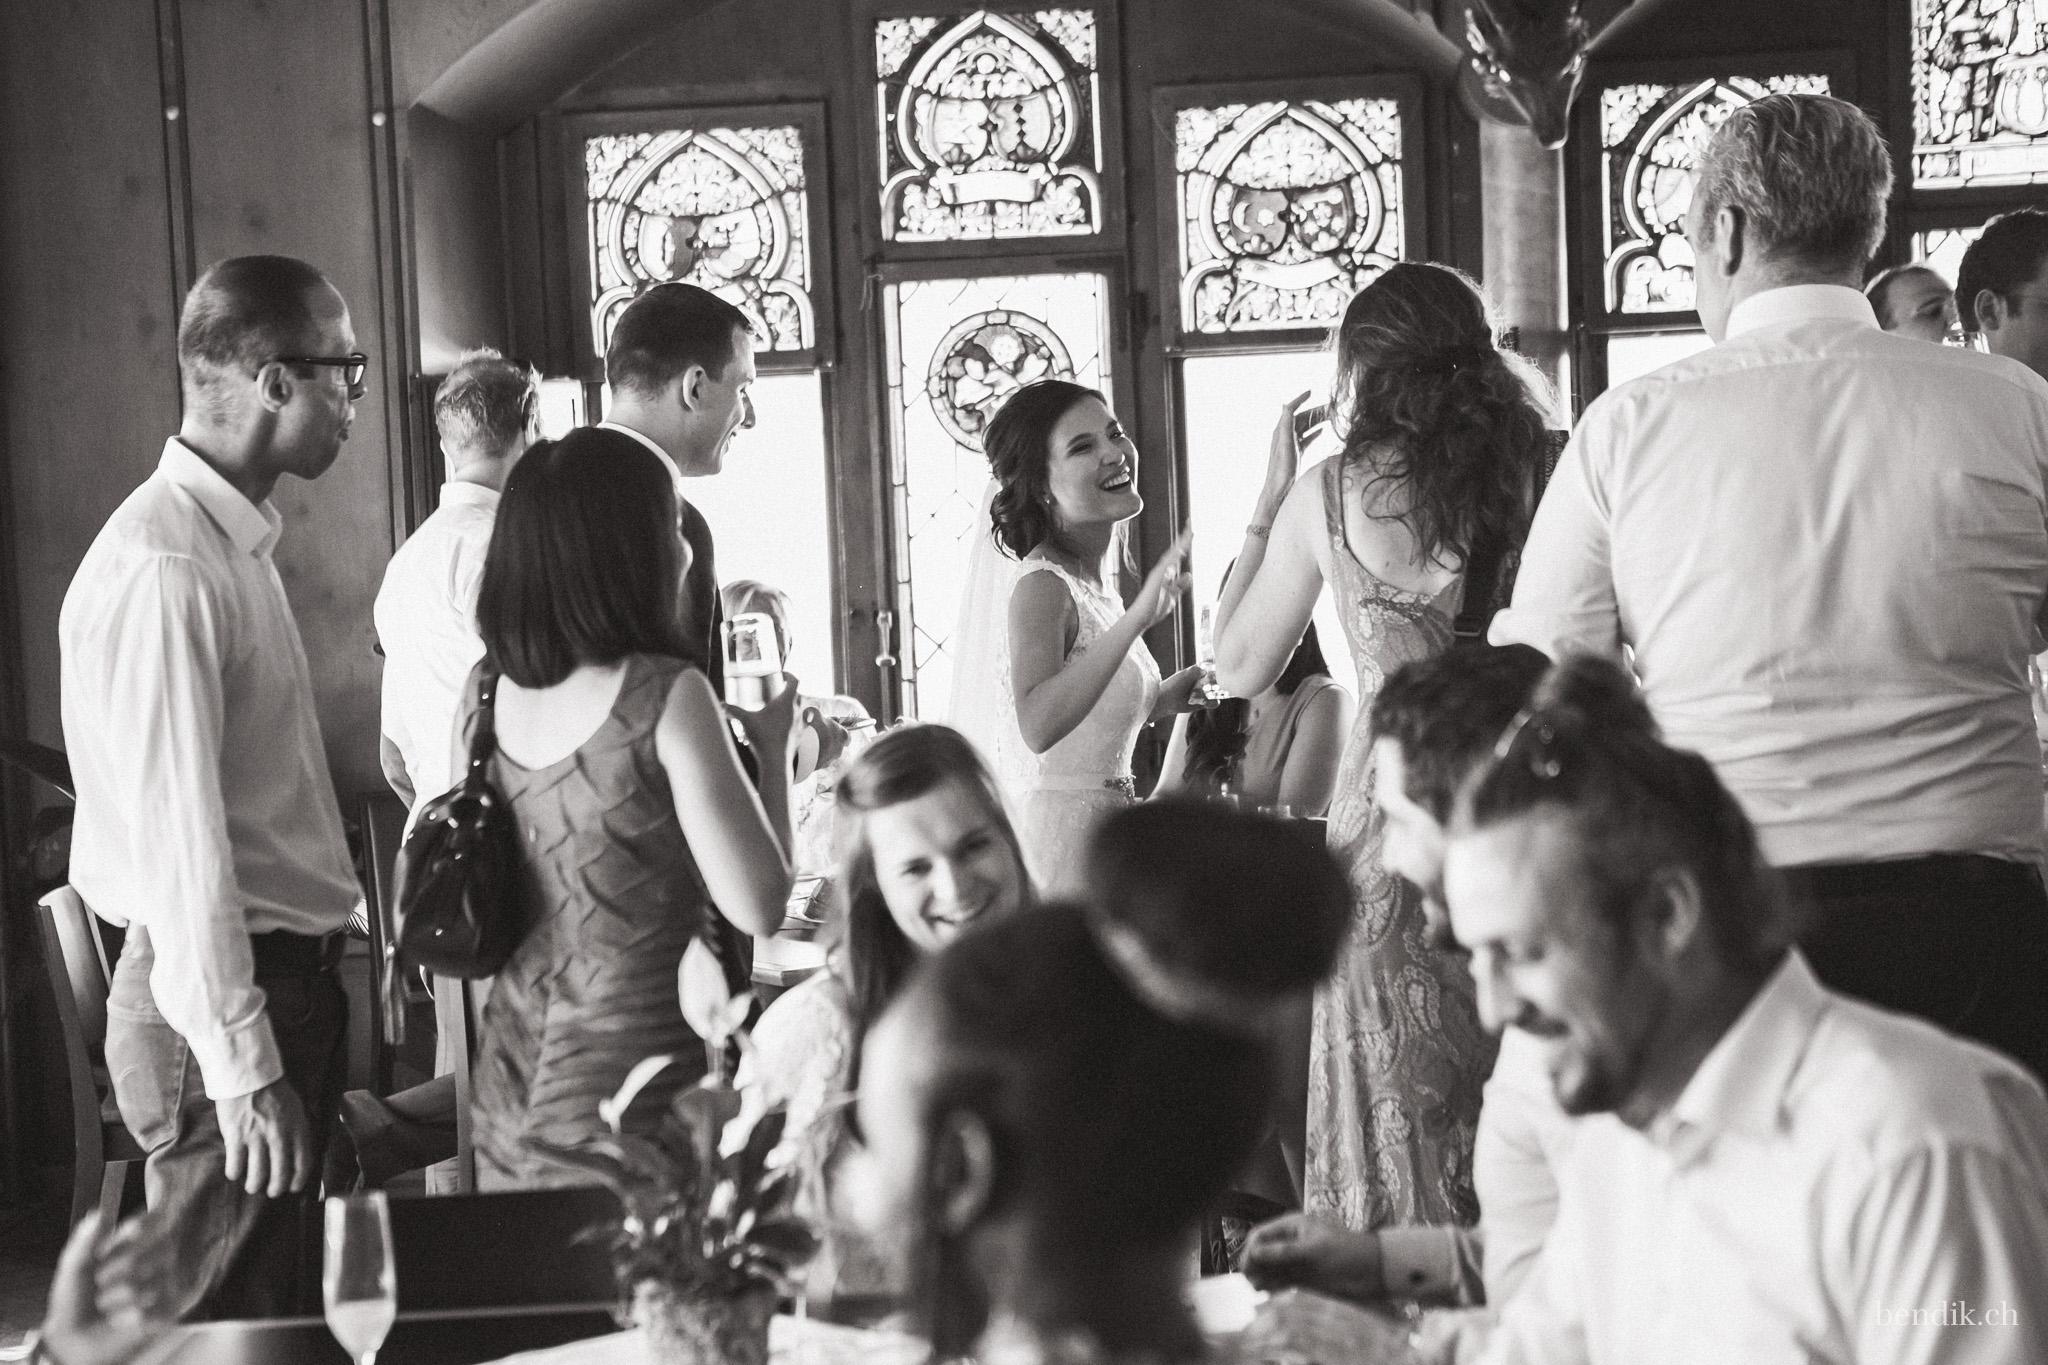 Schwarz-weiss Aufnahme der fröhlichen Hochzeitsgesellschaft